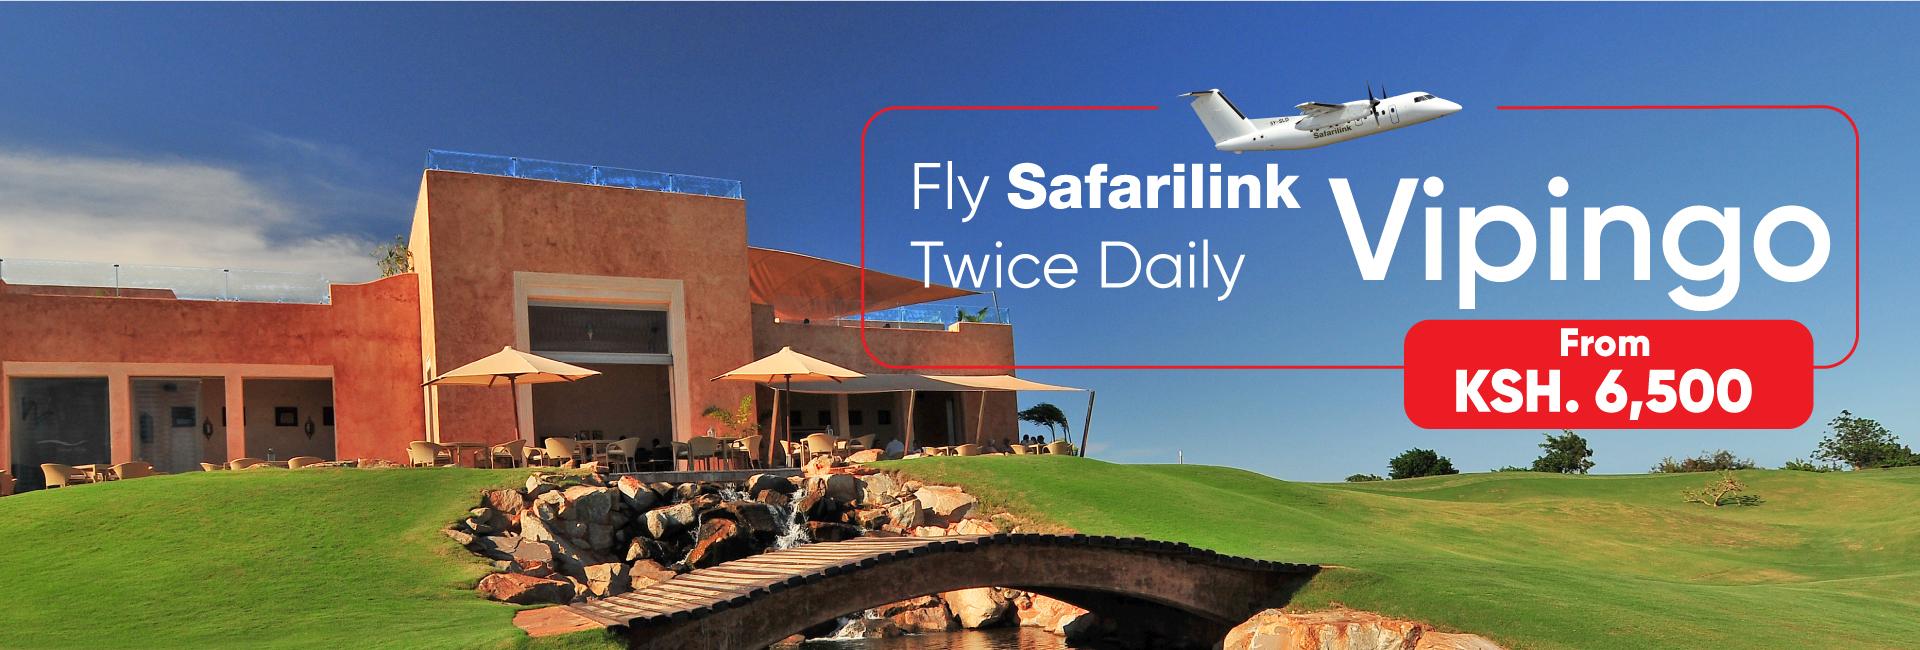 fly safarilink daily from nairobi to Vipingo